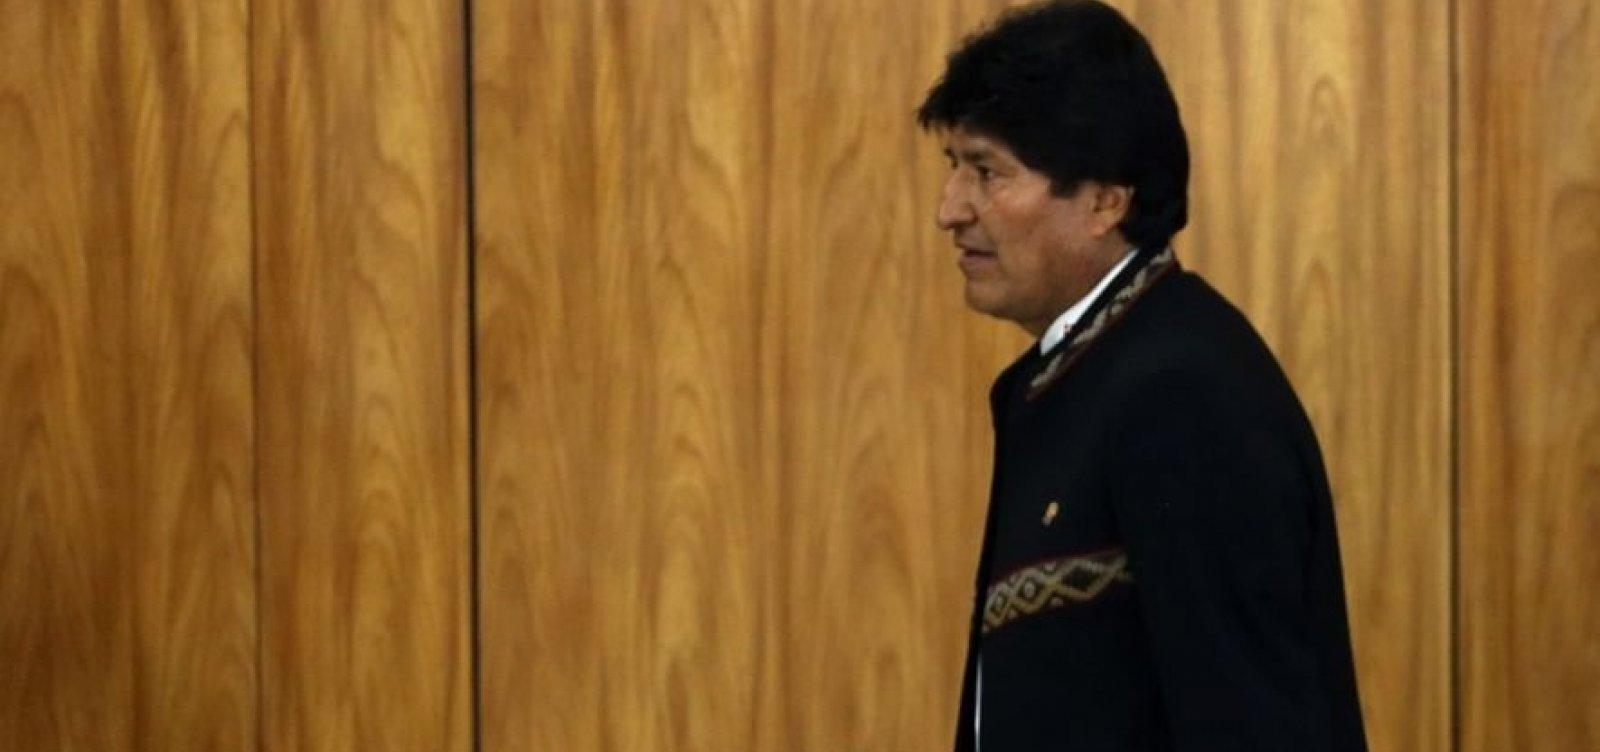 Secretário-geral da OEA diz que Evo Morales deu um autogolpe